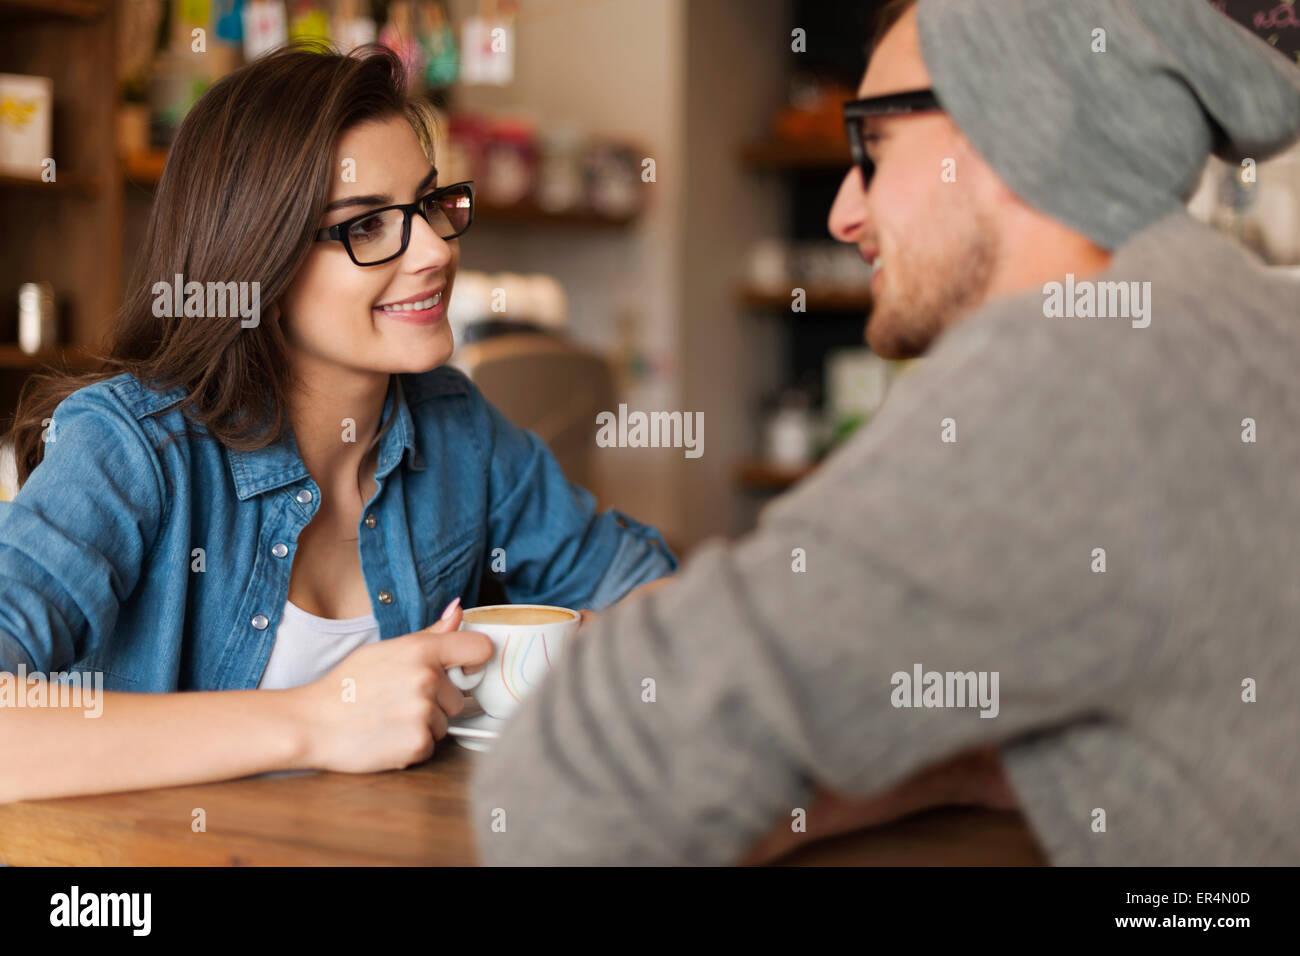 Réunion du couple heureux au café. Cracovie, Pologne Photo Stock